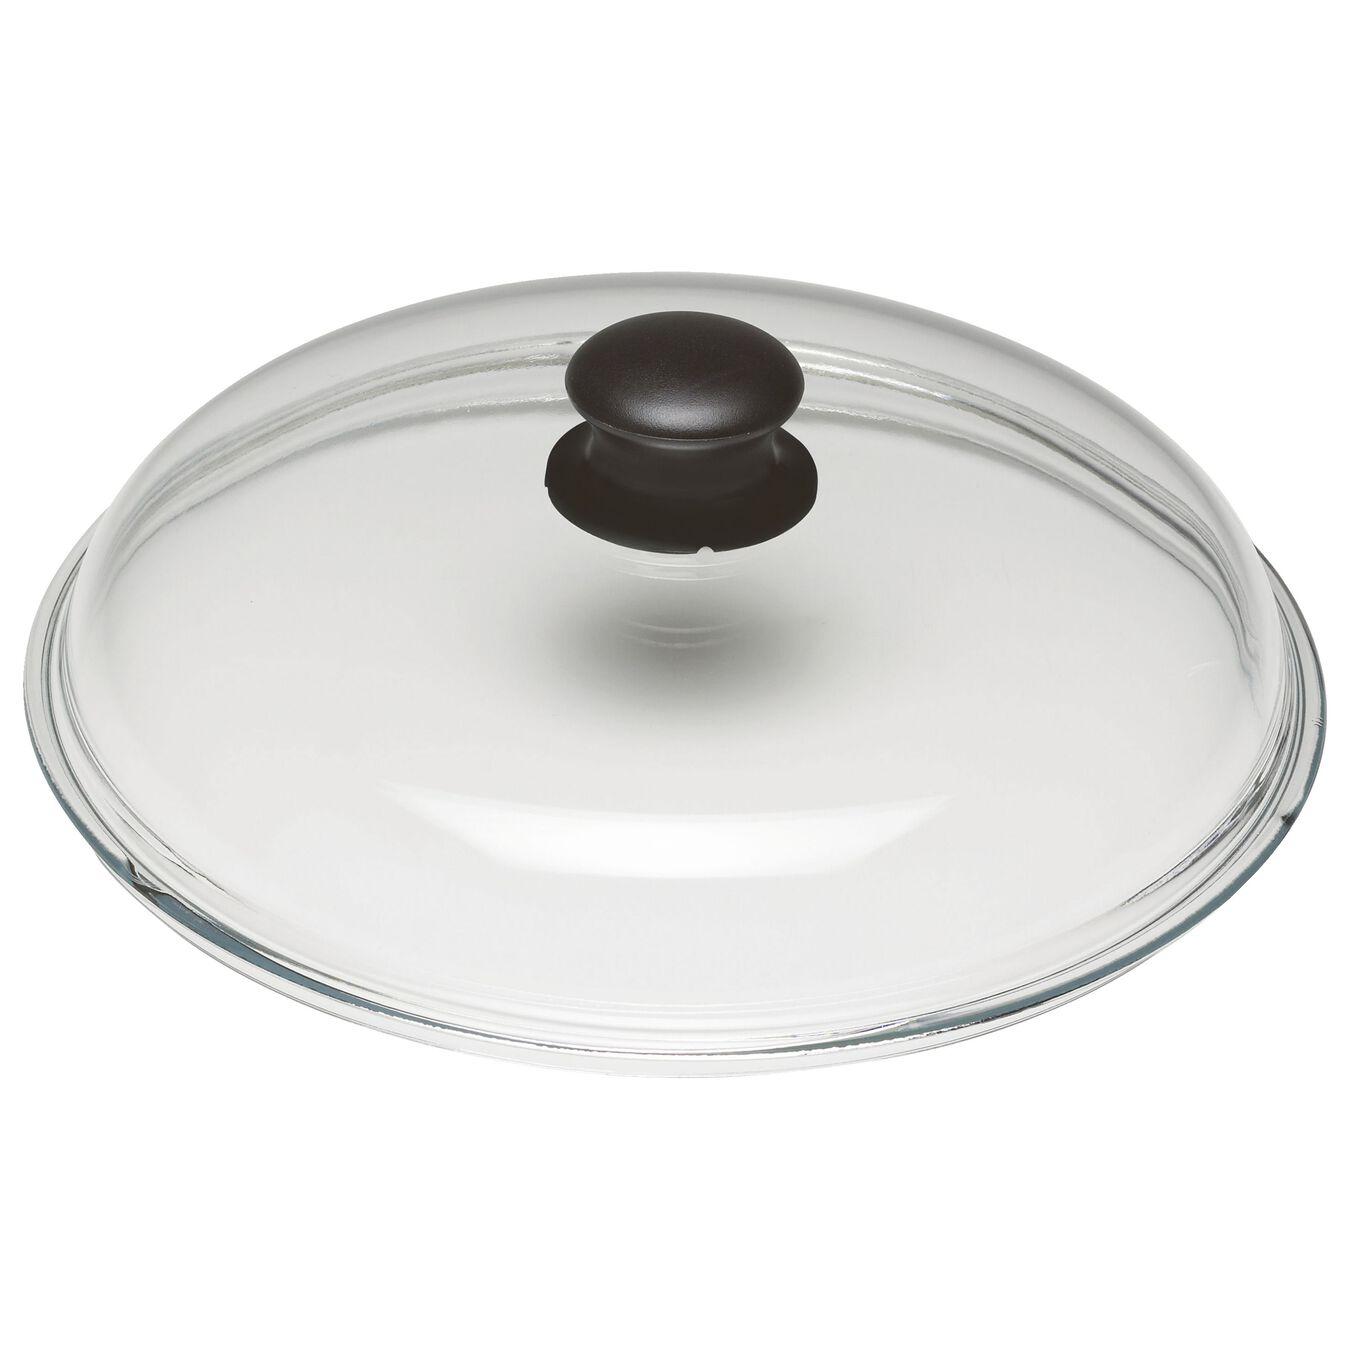 Coperchio - 24 cm, vetro,,large 1